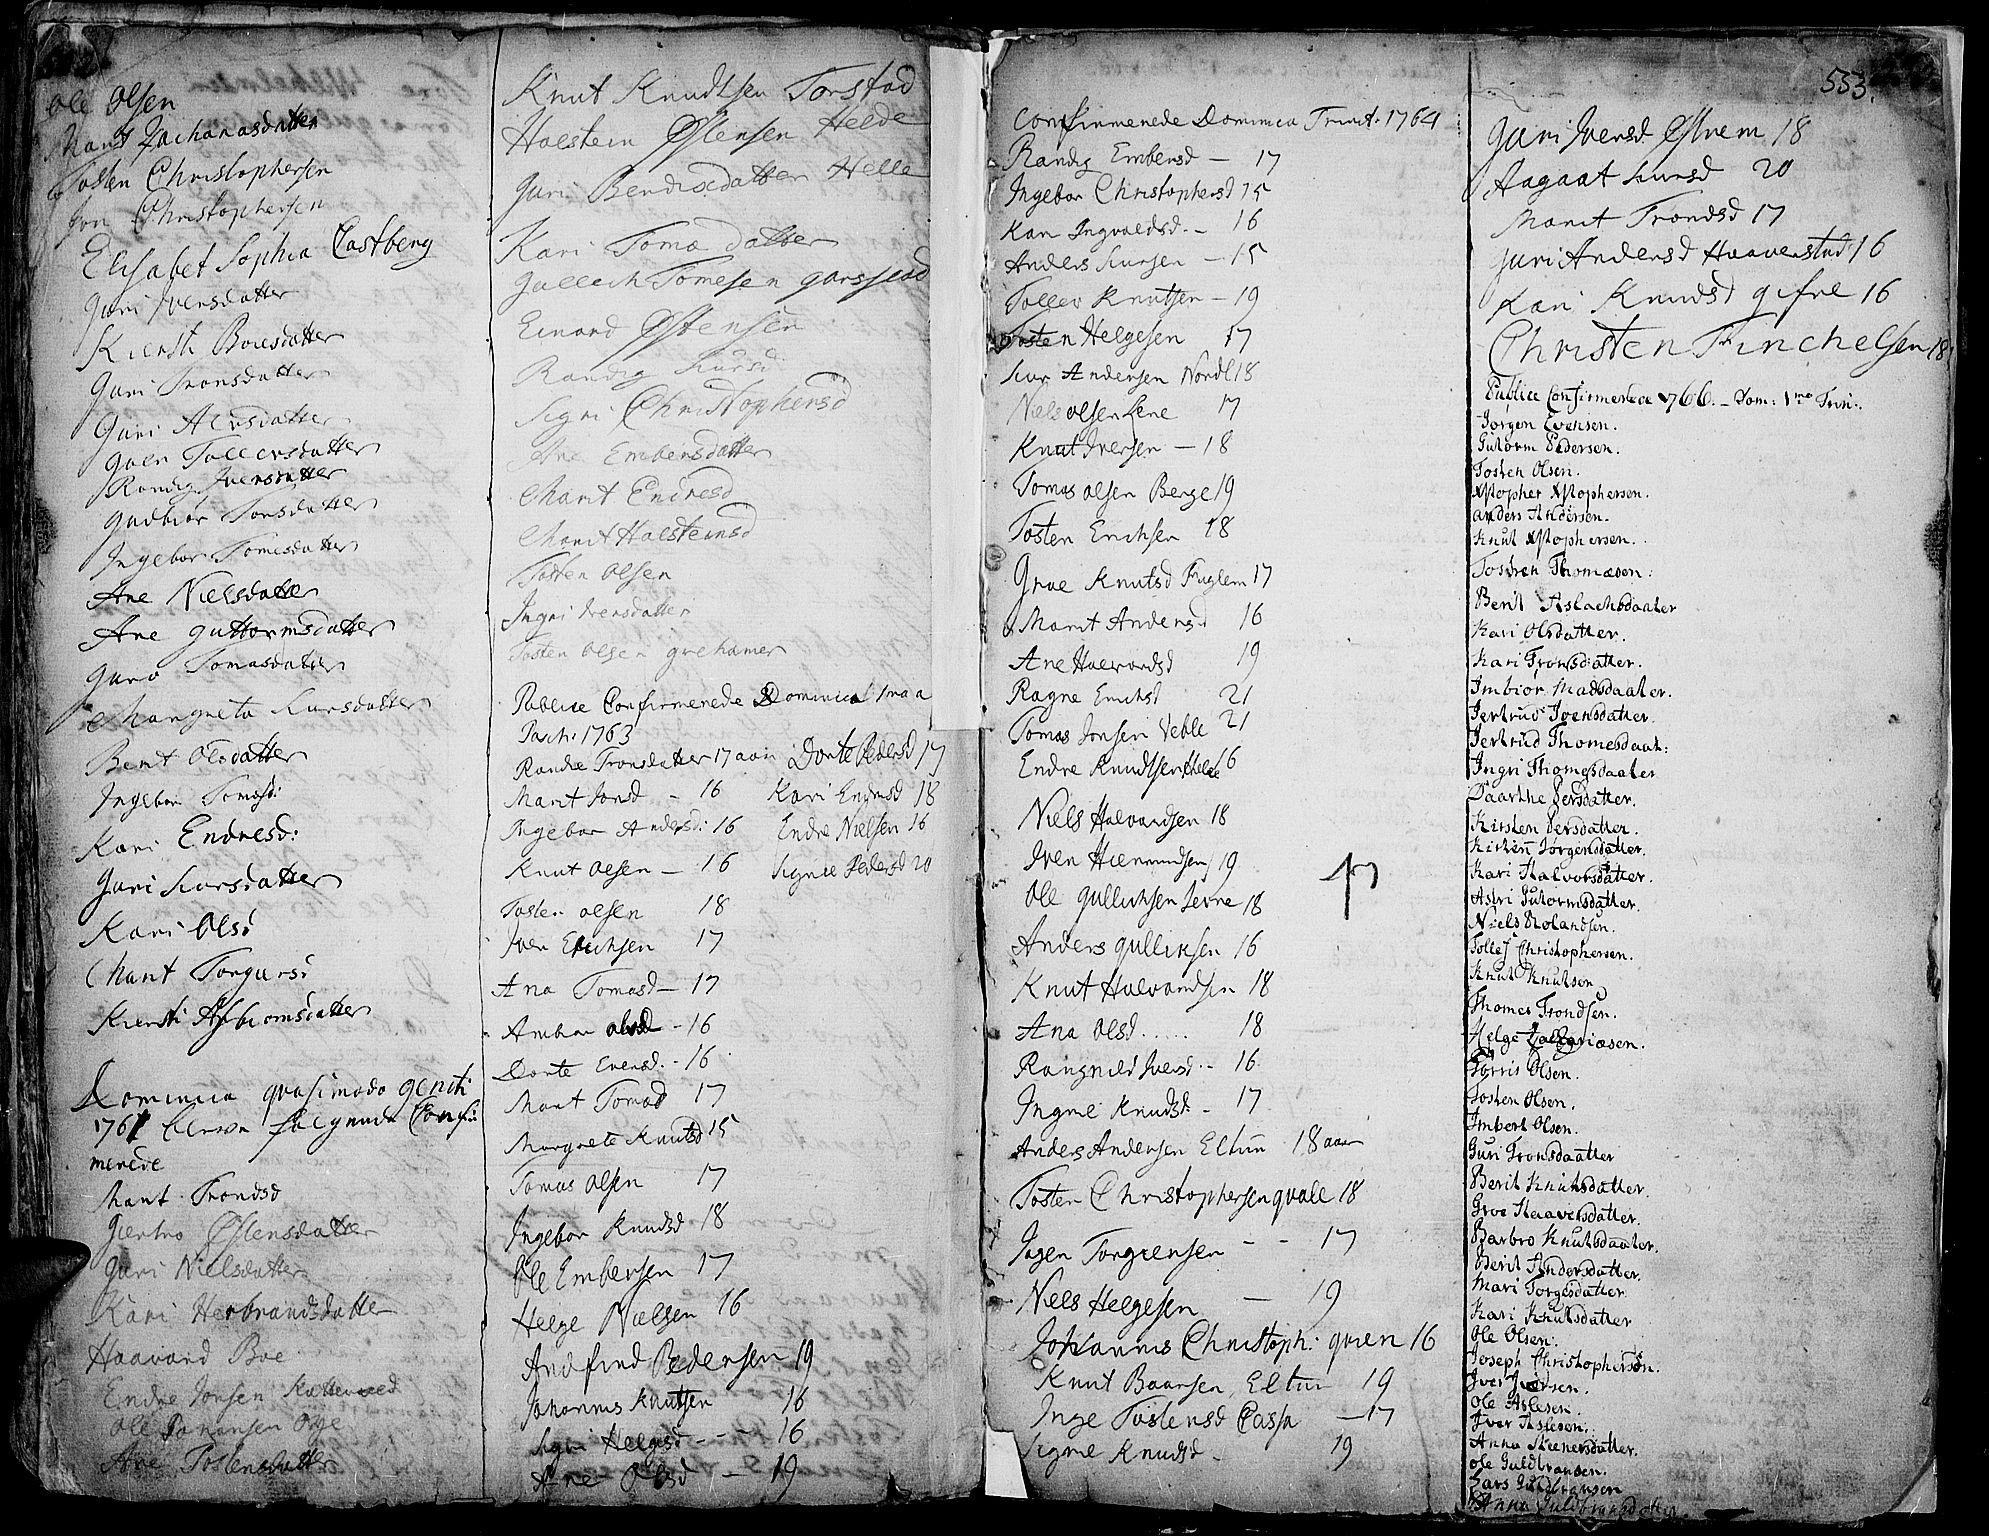 SAH, Vang prestekontor, Valdres, Ministerialbok nr. 1, 1730-1796, s. 552-553